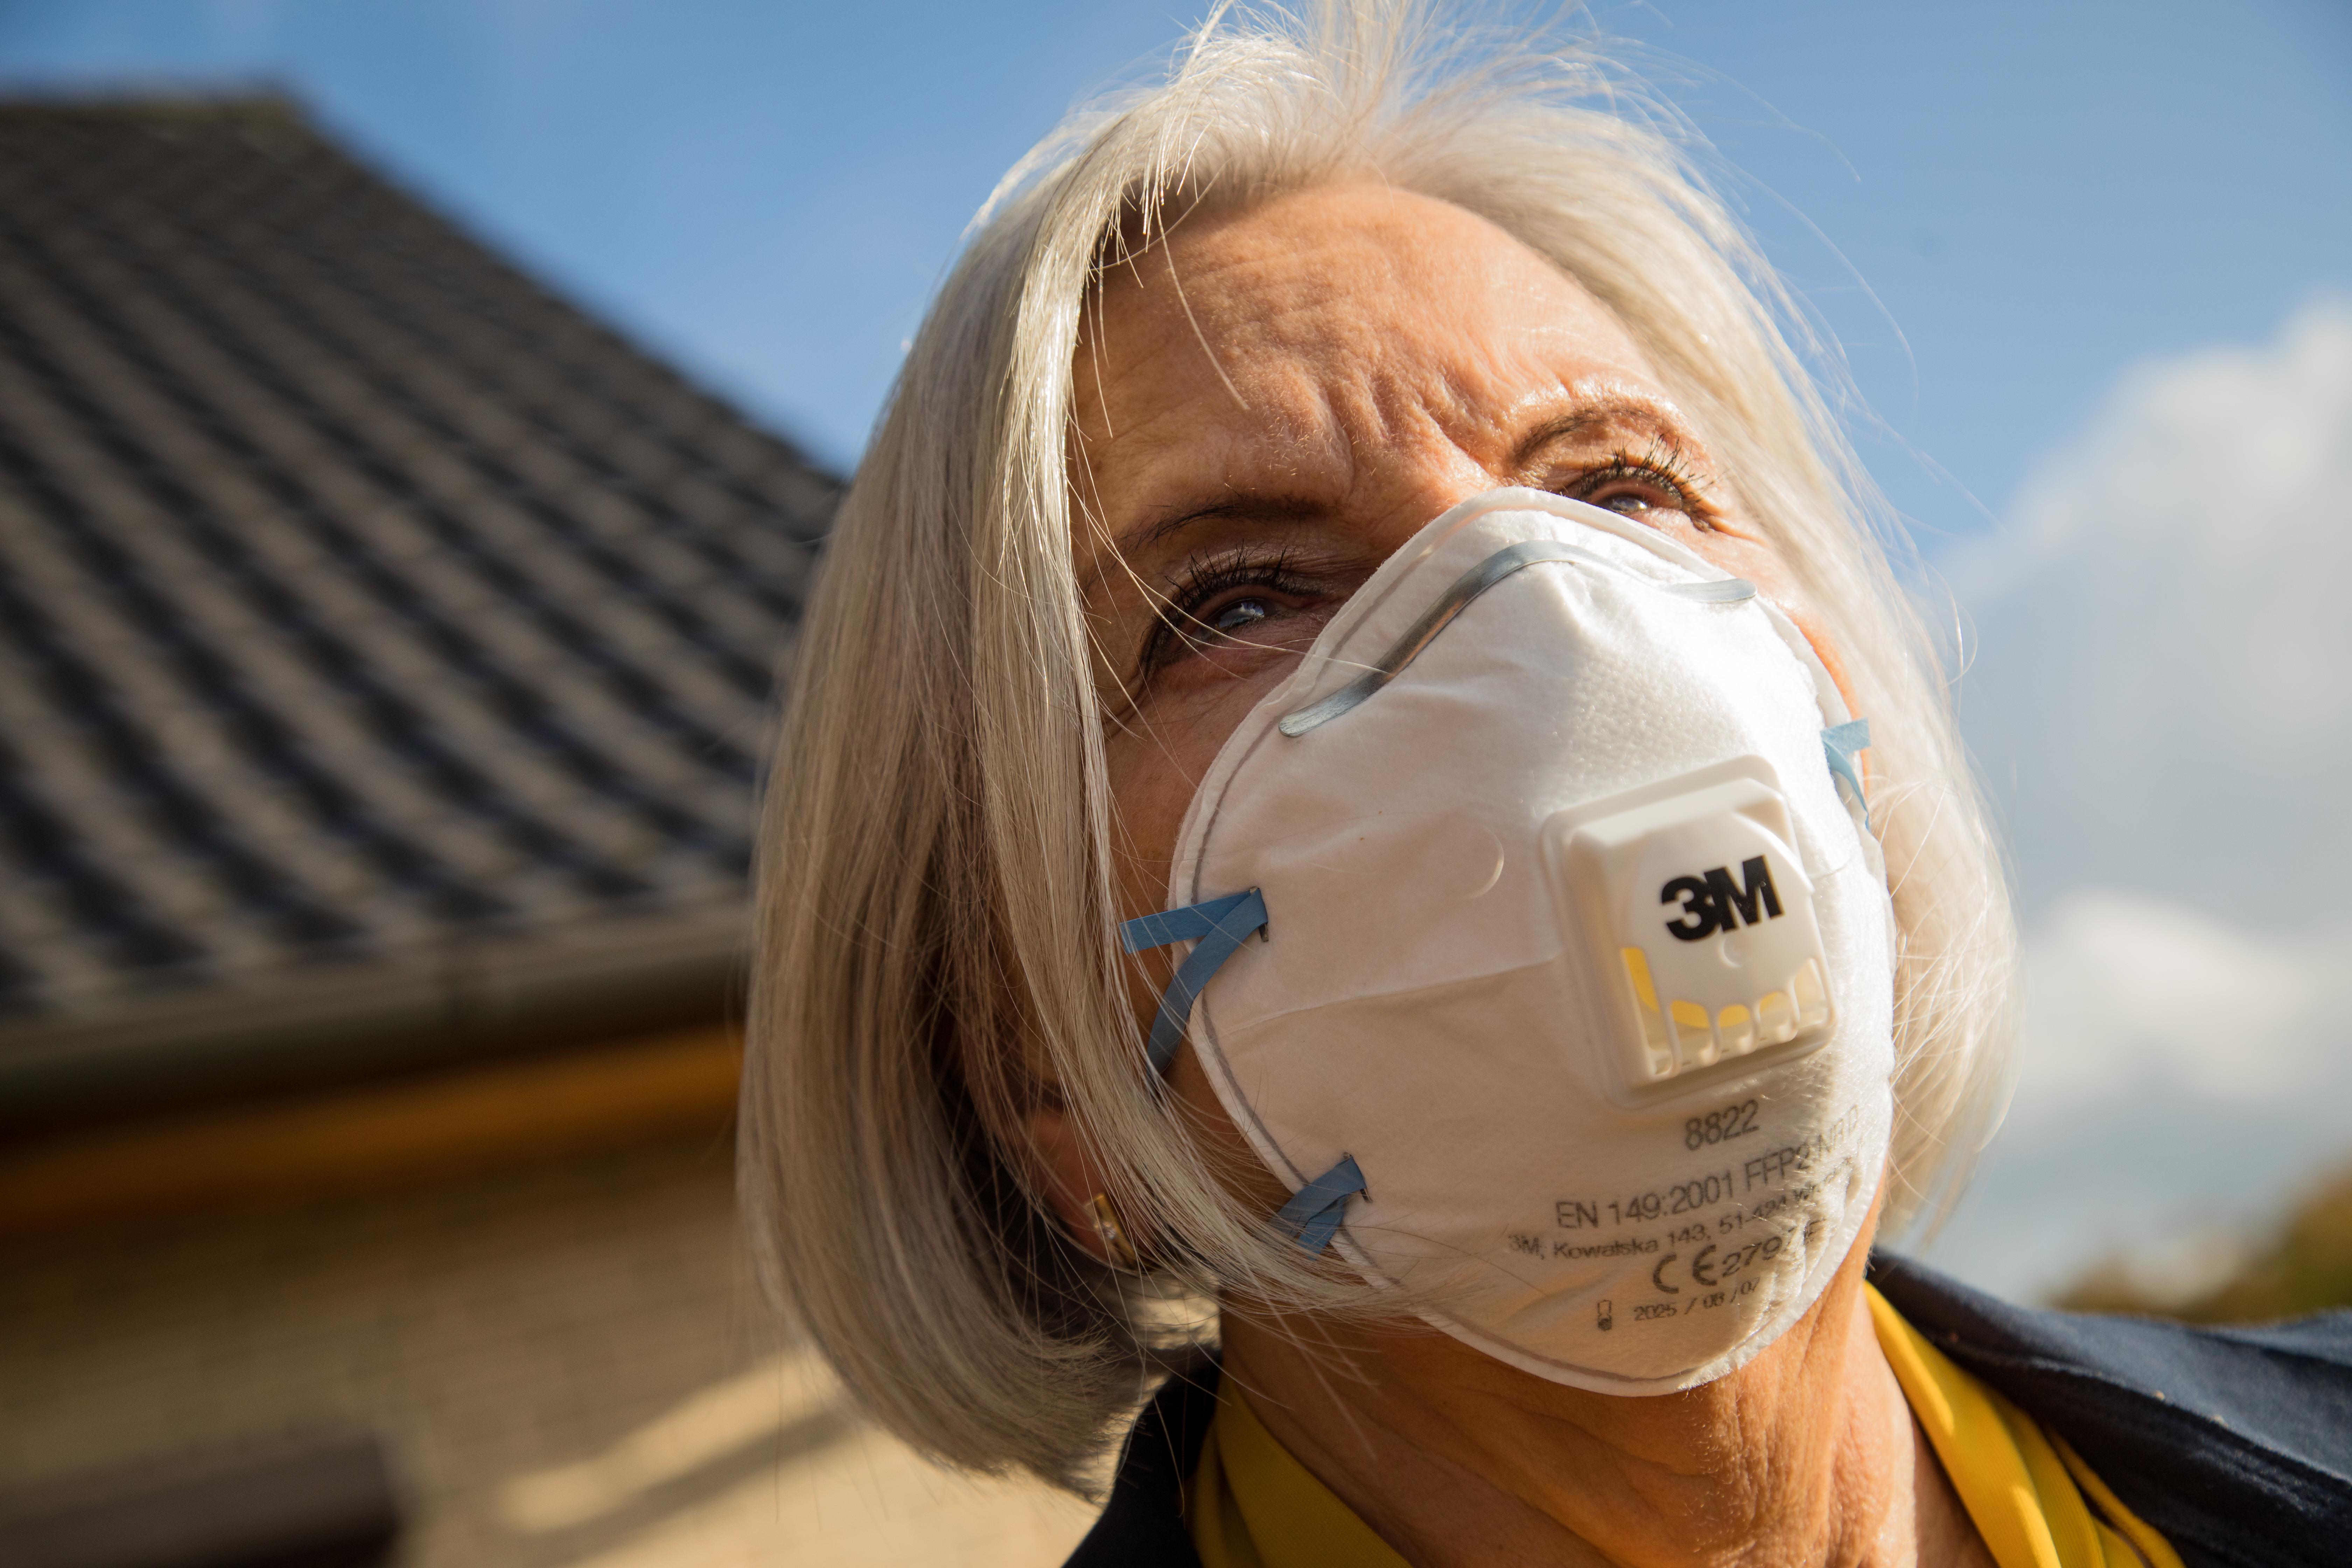 Ausztriában ingyen adnák az FFP2-es maszkokat a 65 éven felülieknek